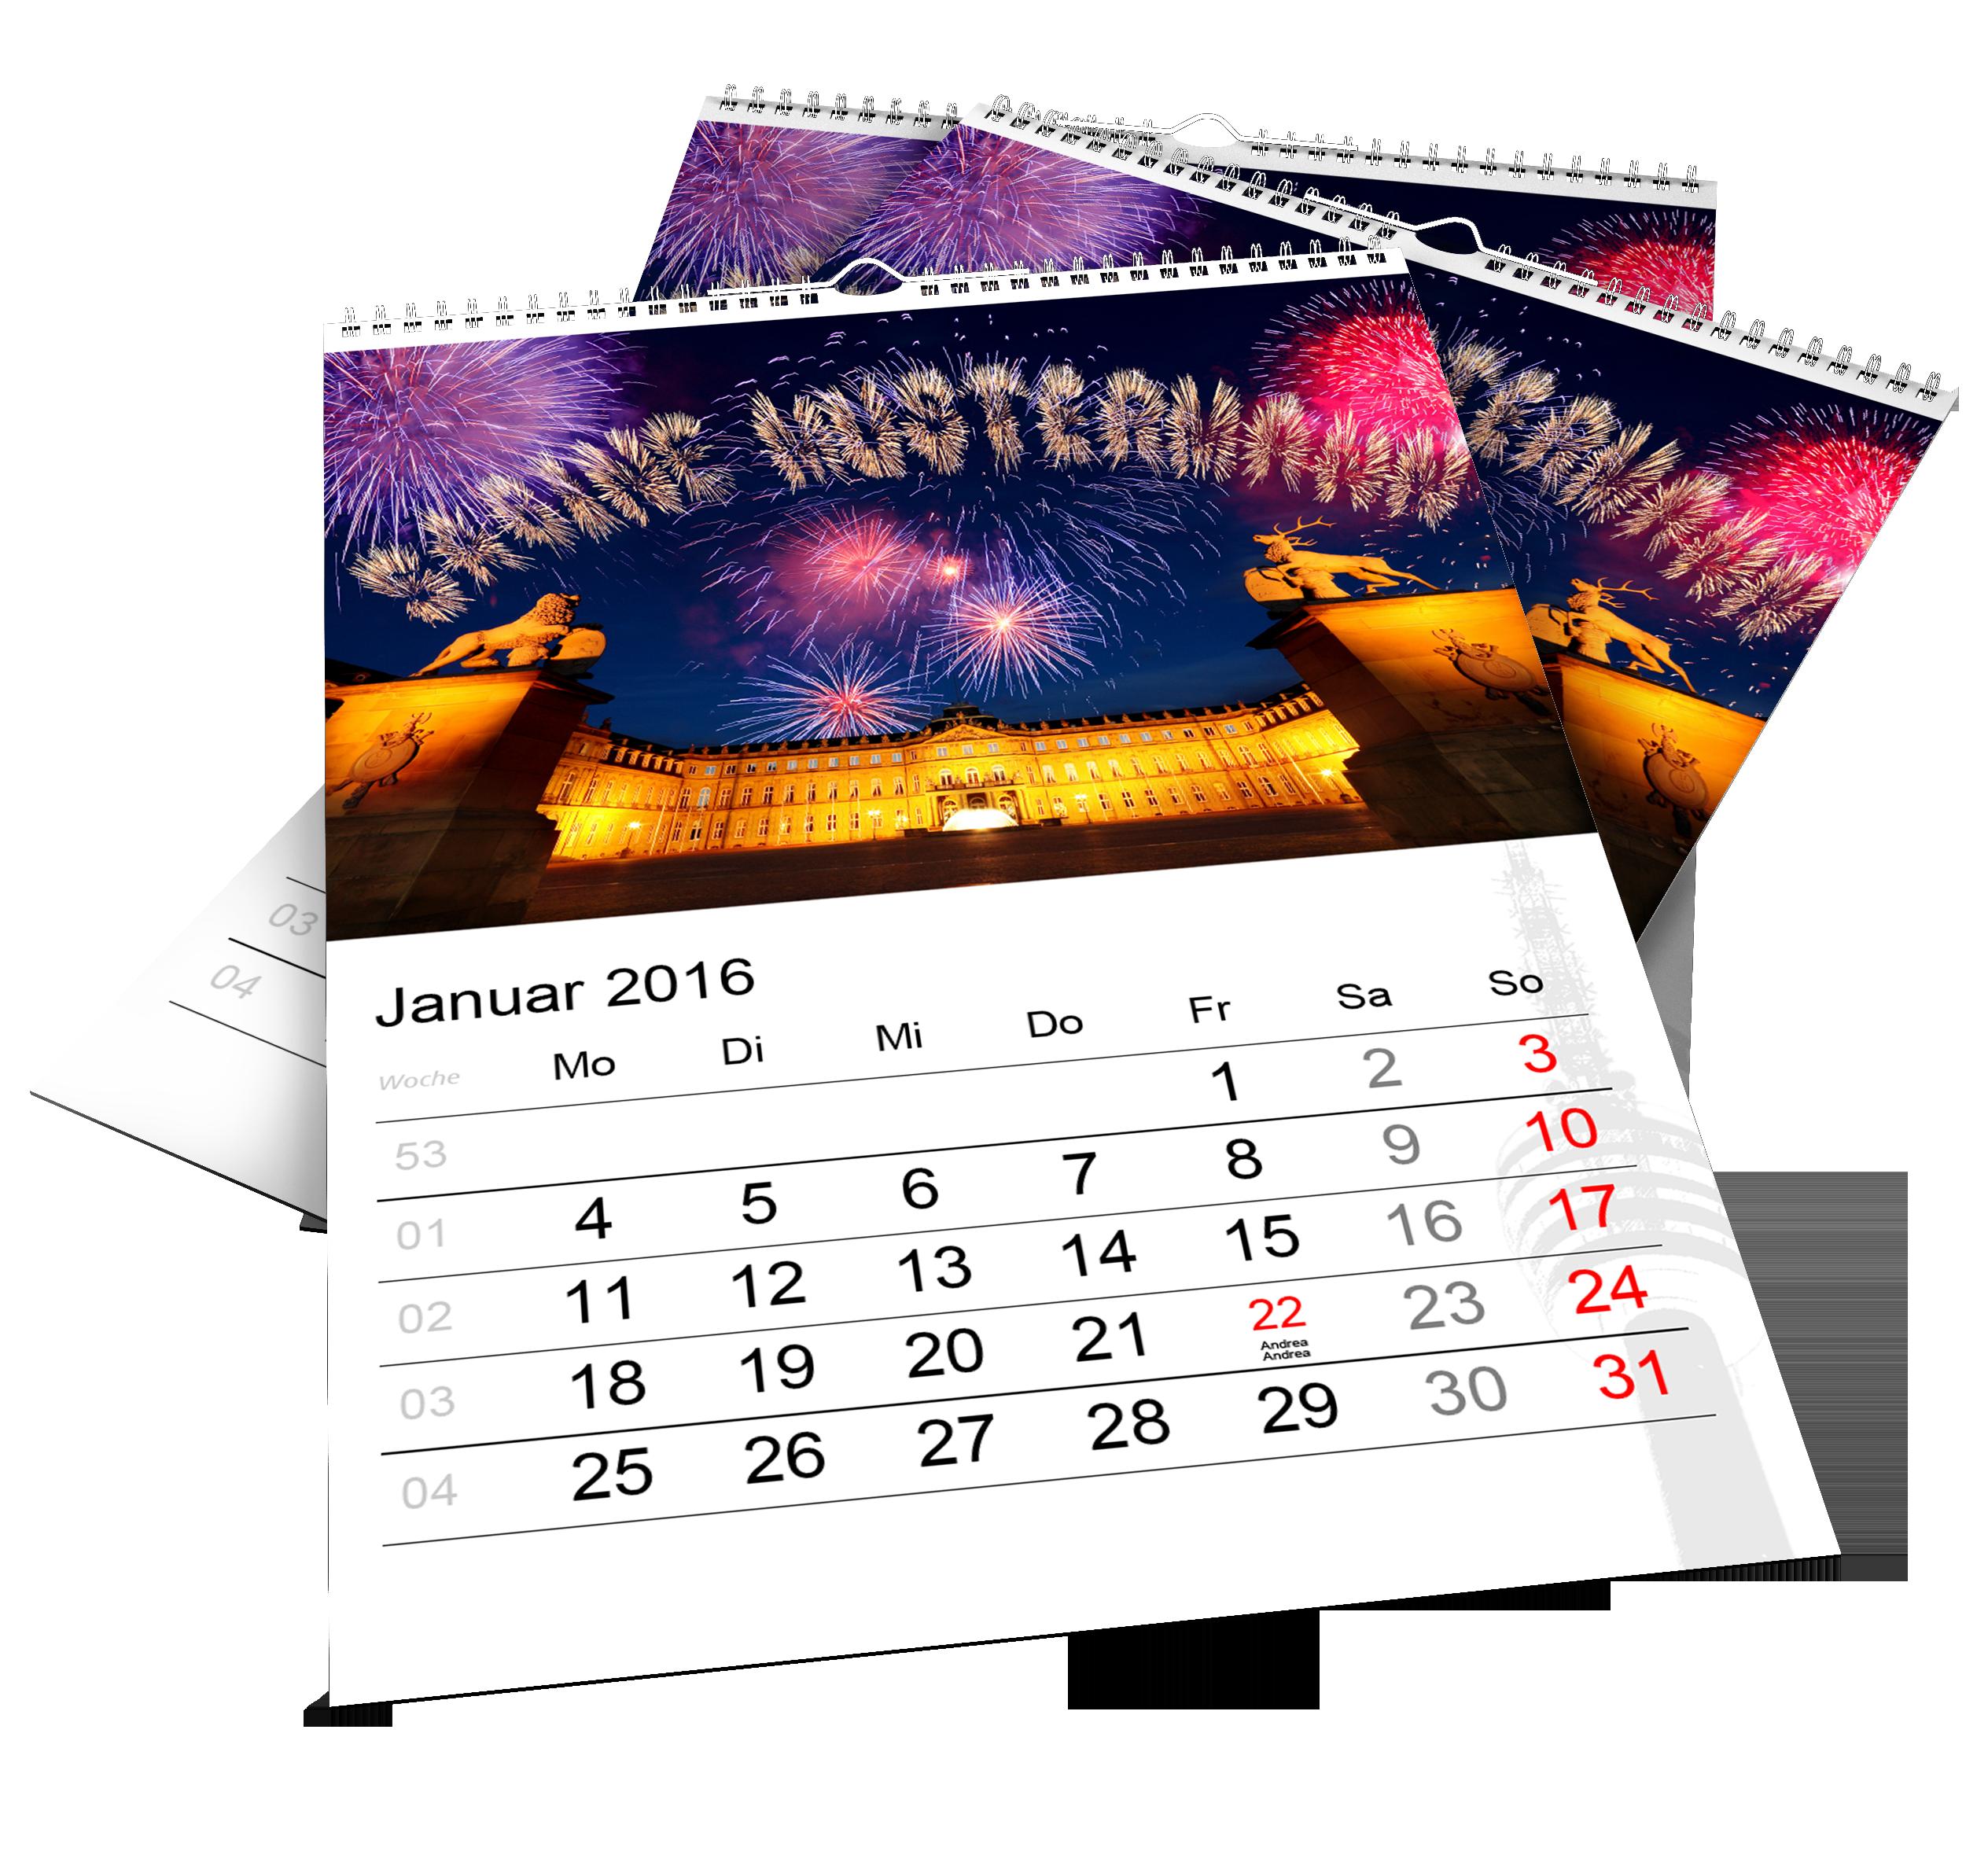 Bildpersonalisierte Kalender